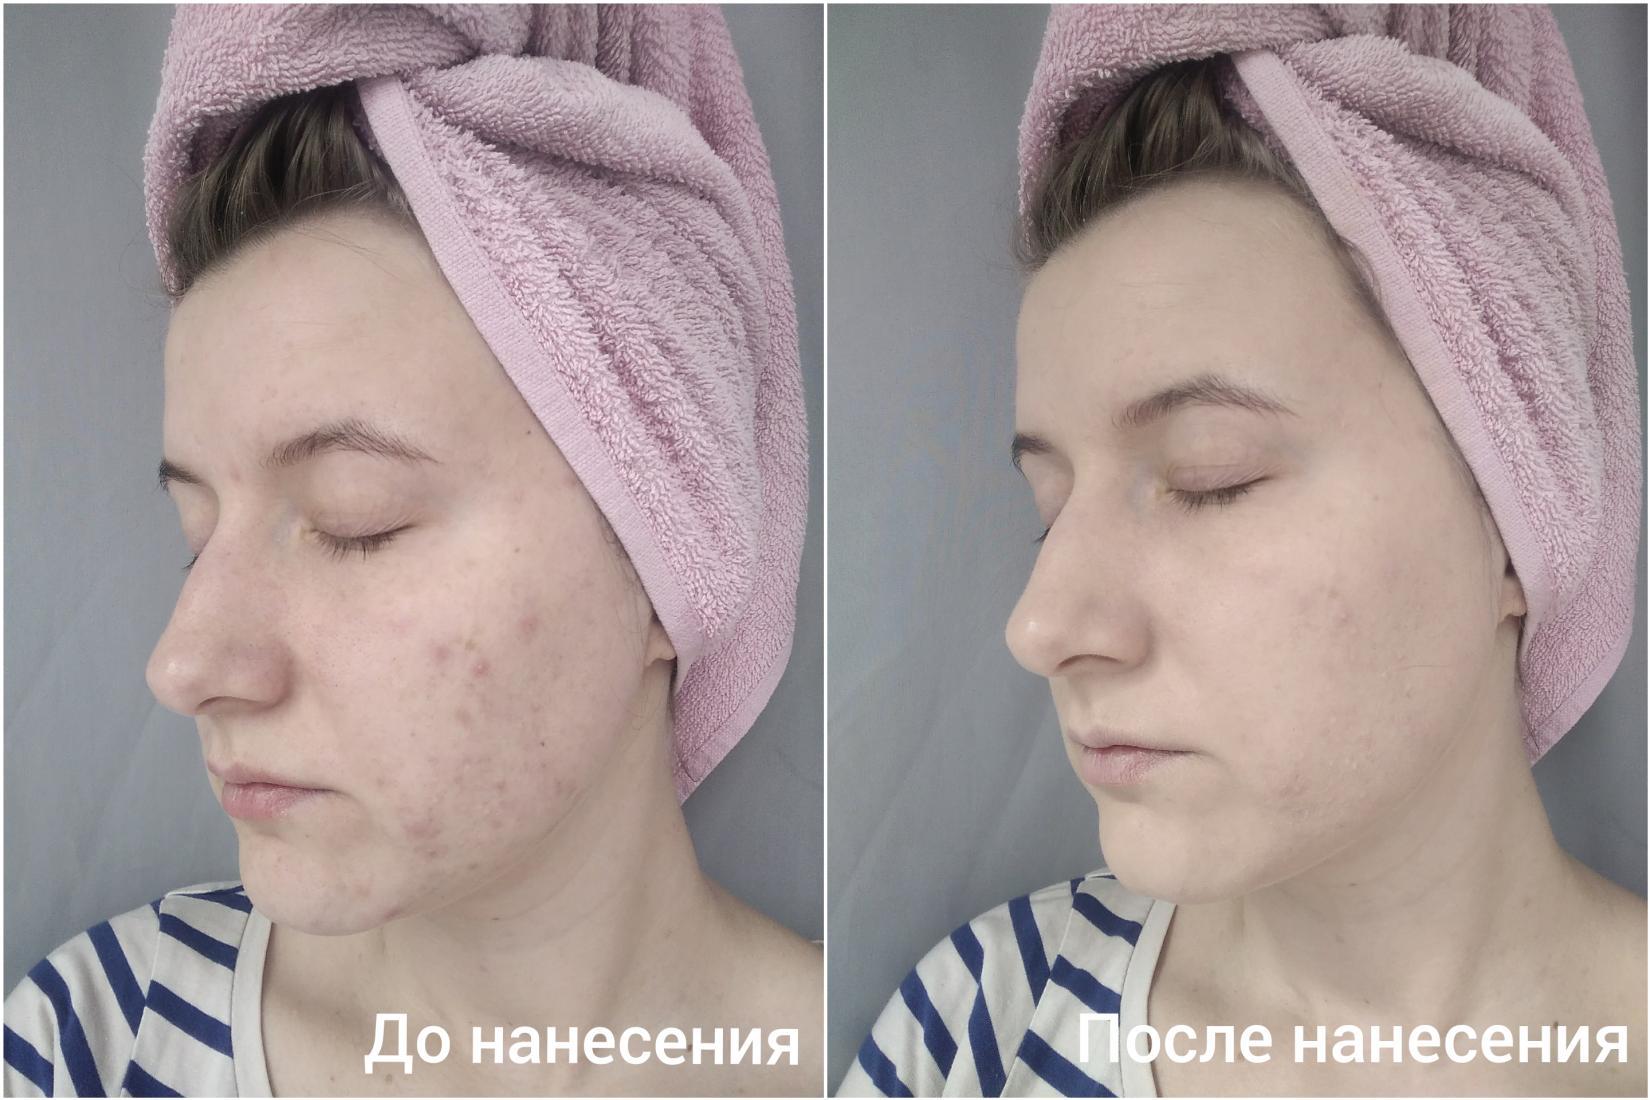 Жидкая тональная основа Eveline Liquid Control HD, 015 Light Vanilla - эффект на лице До и После